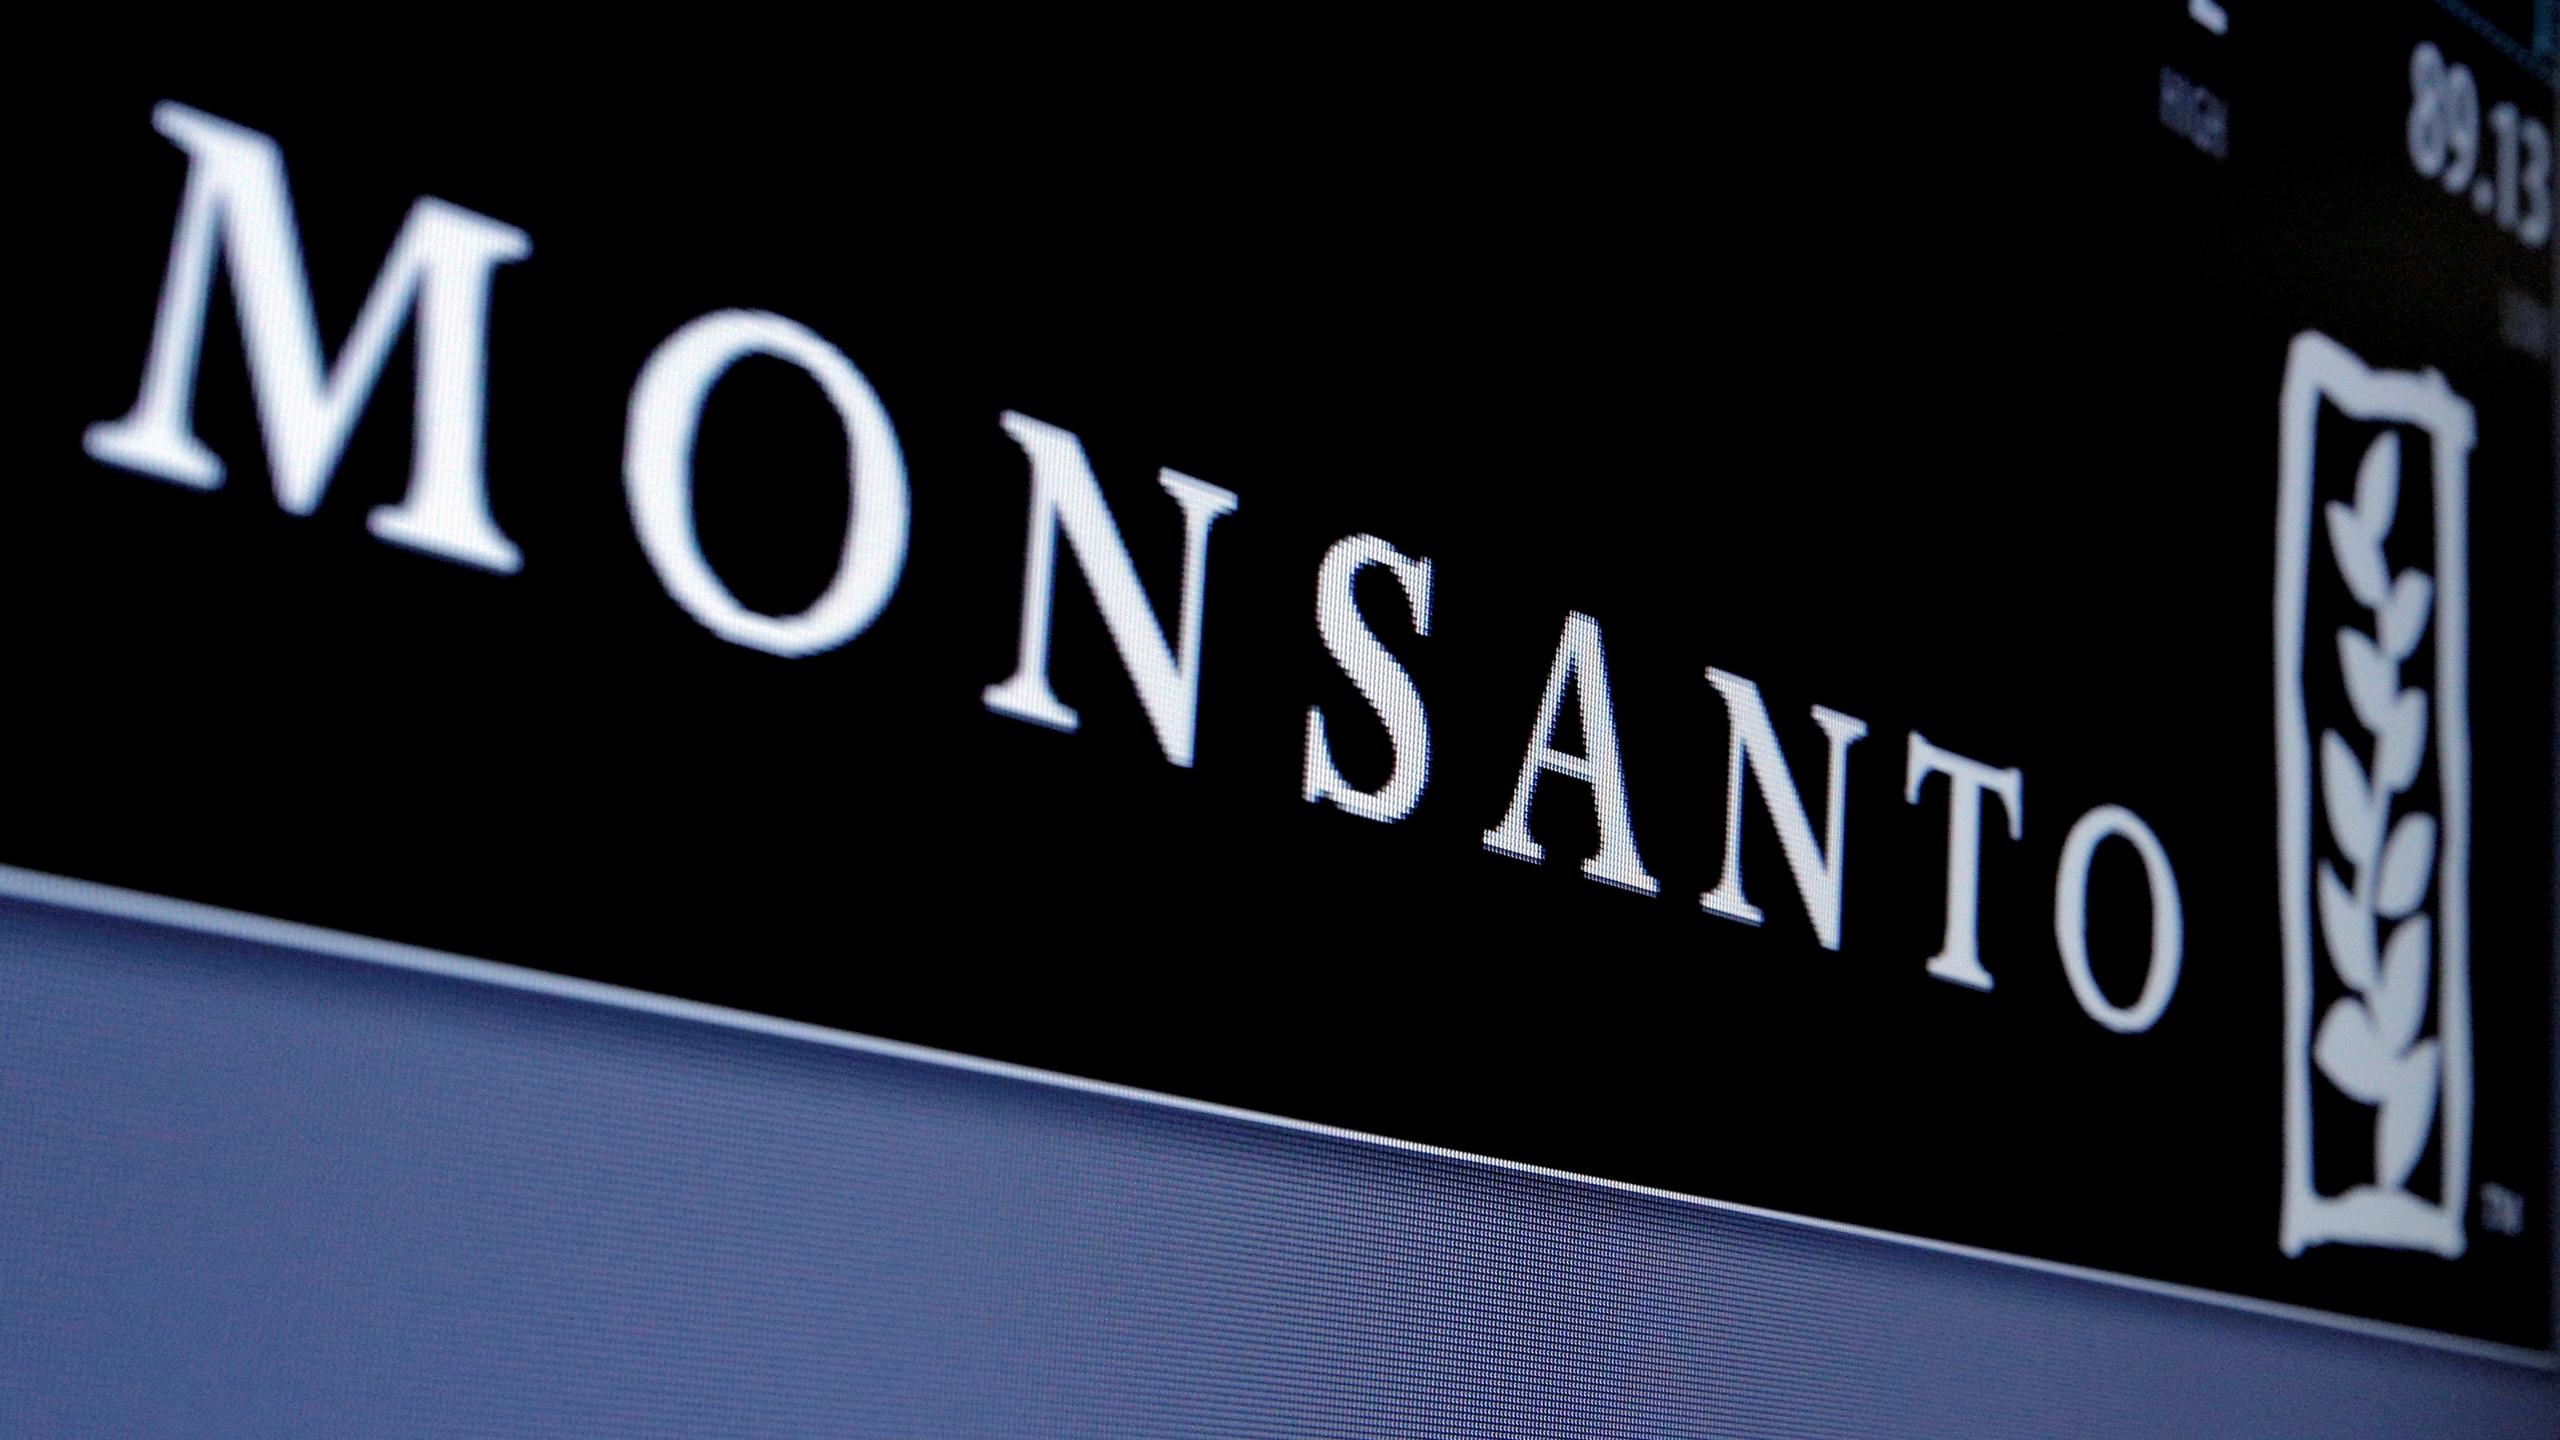 Francia veta herbicida con glifosato de Monsanto por riesgos en salud